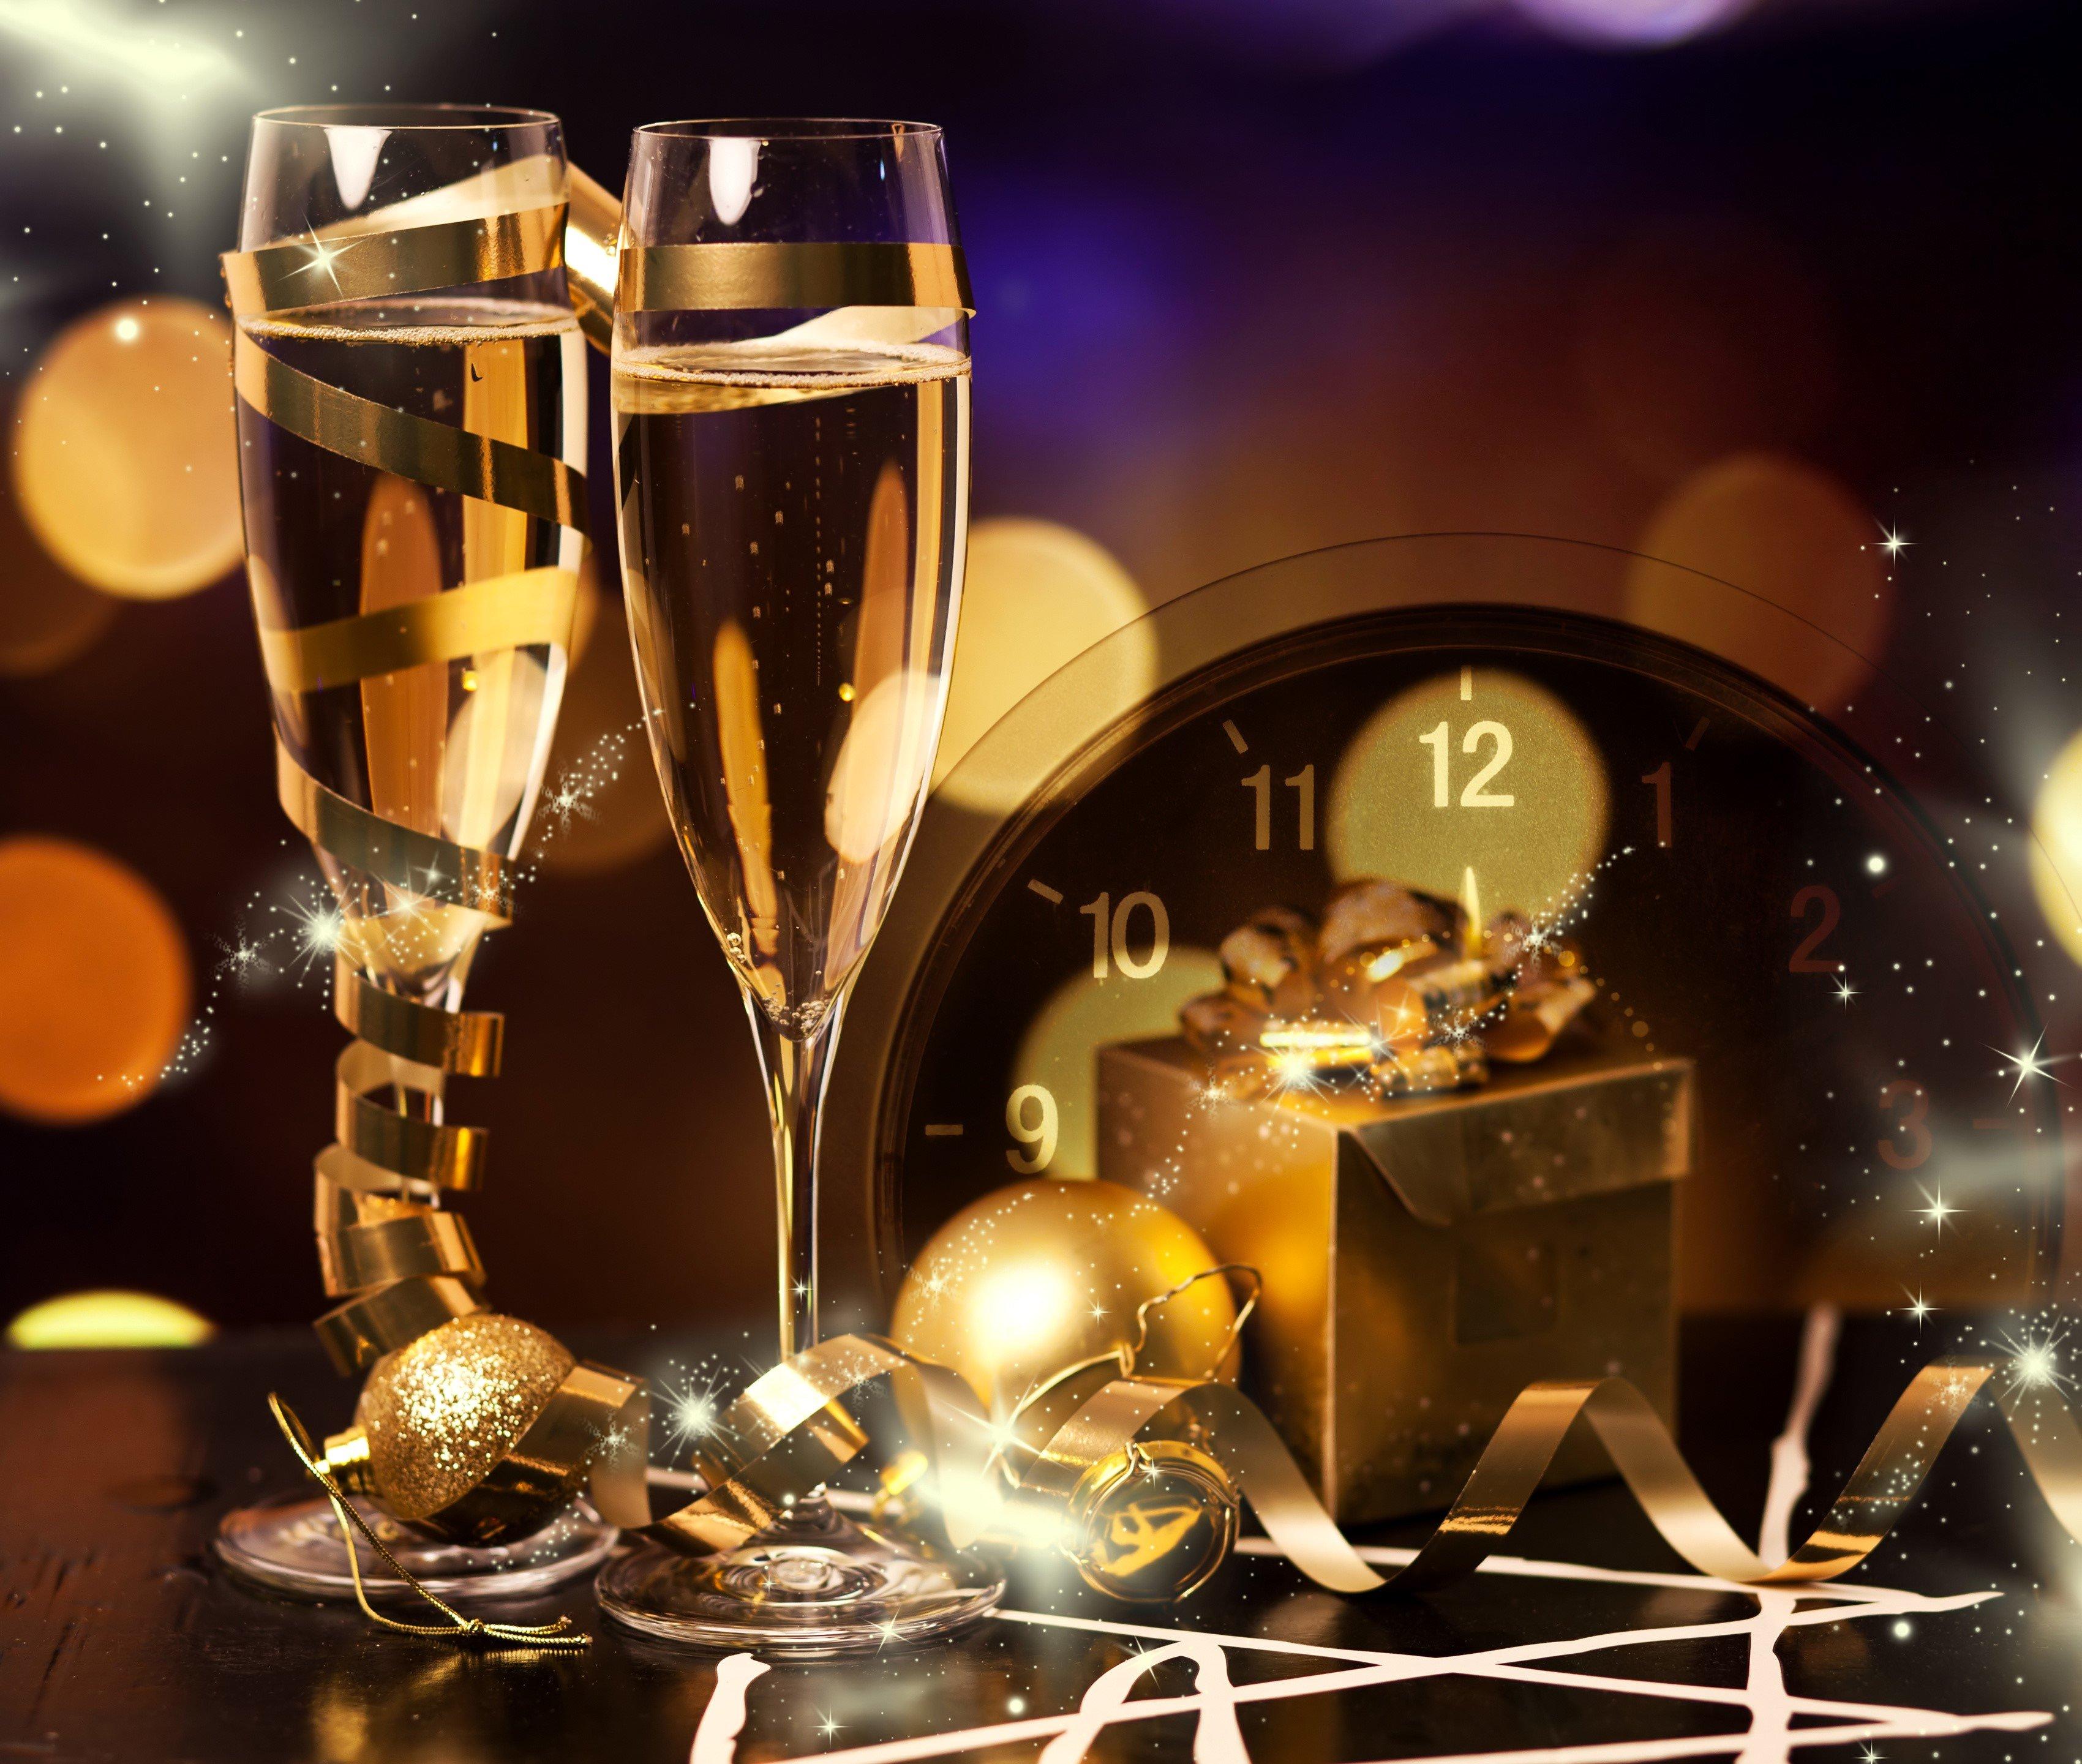 Fondos de pantalla Celebración de Año Nuevo